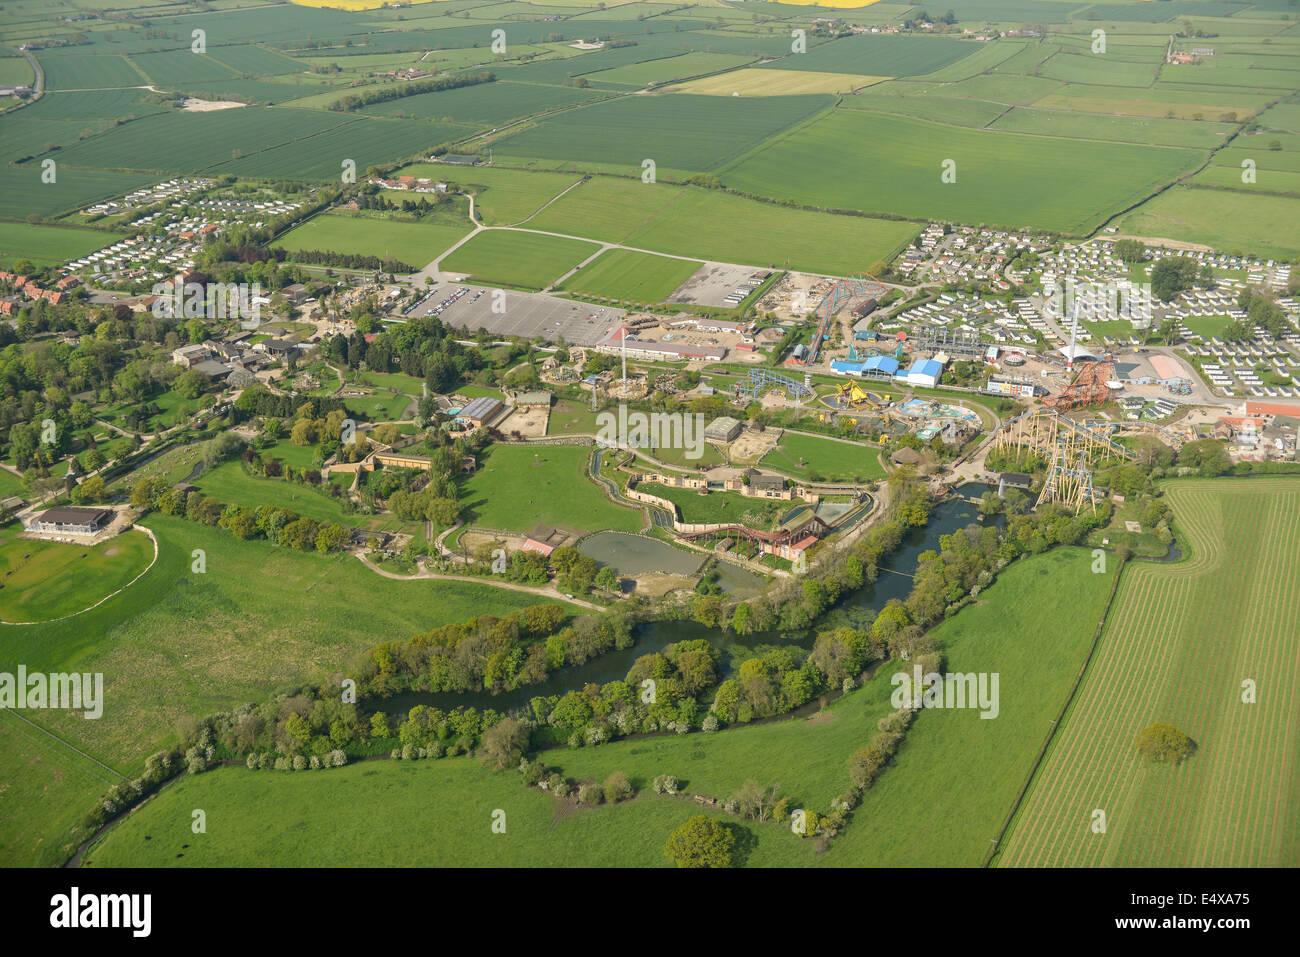 347494378a895e Flamingo Land And Yorkshire Photos   Flamingo Land And Yorkshire ...